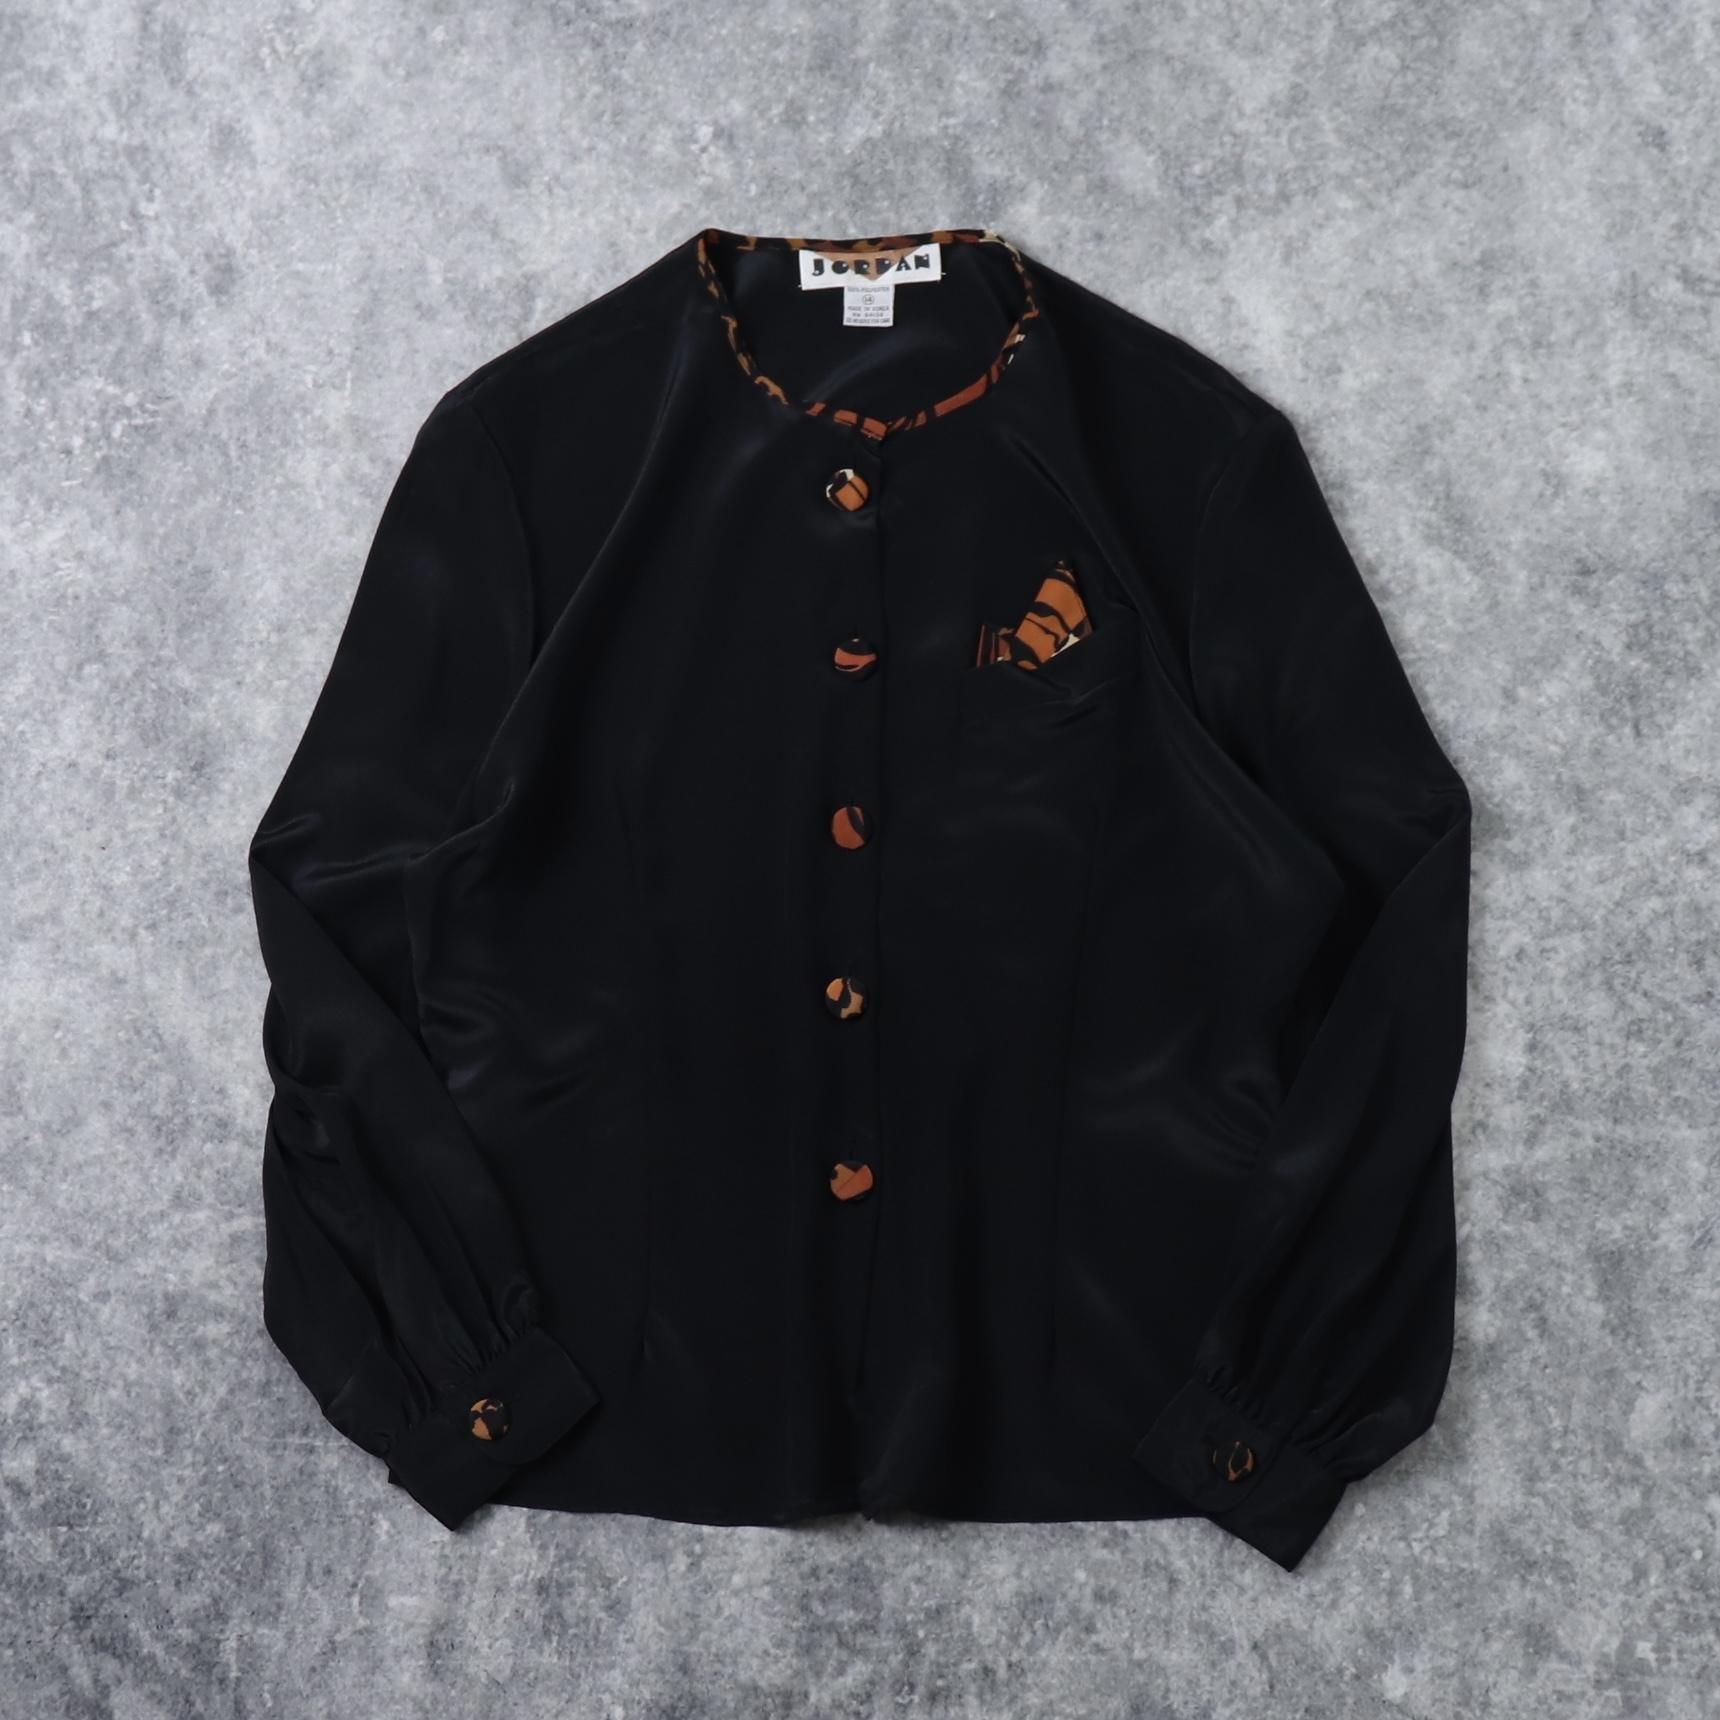 80〜90年代「JORDAN」アニマル柄 レオパード柄 フロントボタン ブラウス カーディガ ポケットチーフ 古着 レディースL  Usa Used leopard  animal Prints Blouse Jackets